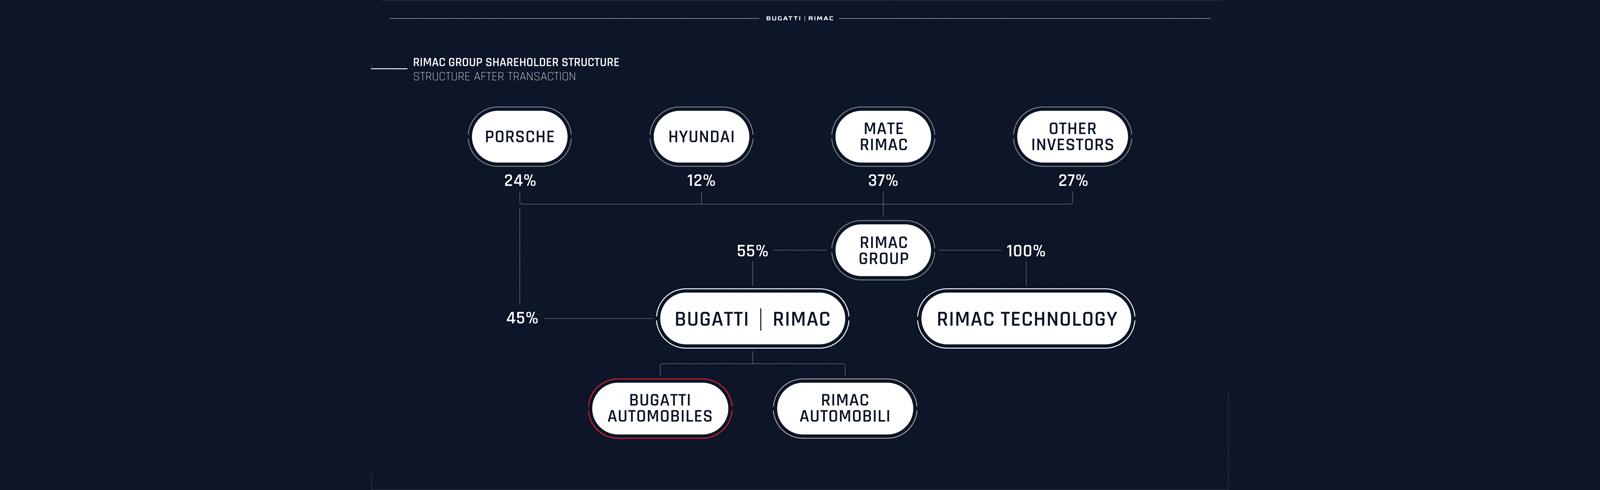 Rimac and Bugatti combine forces in historic new venture